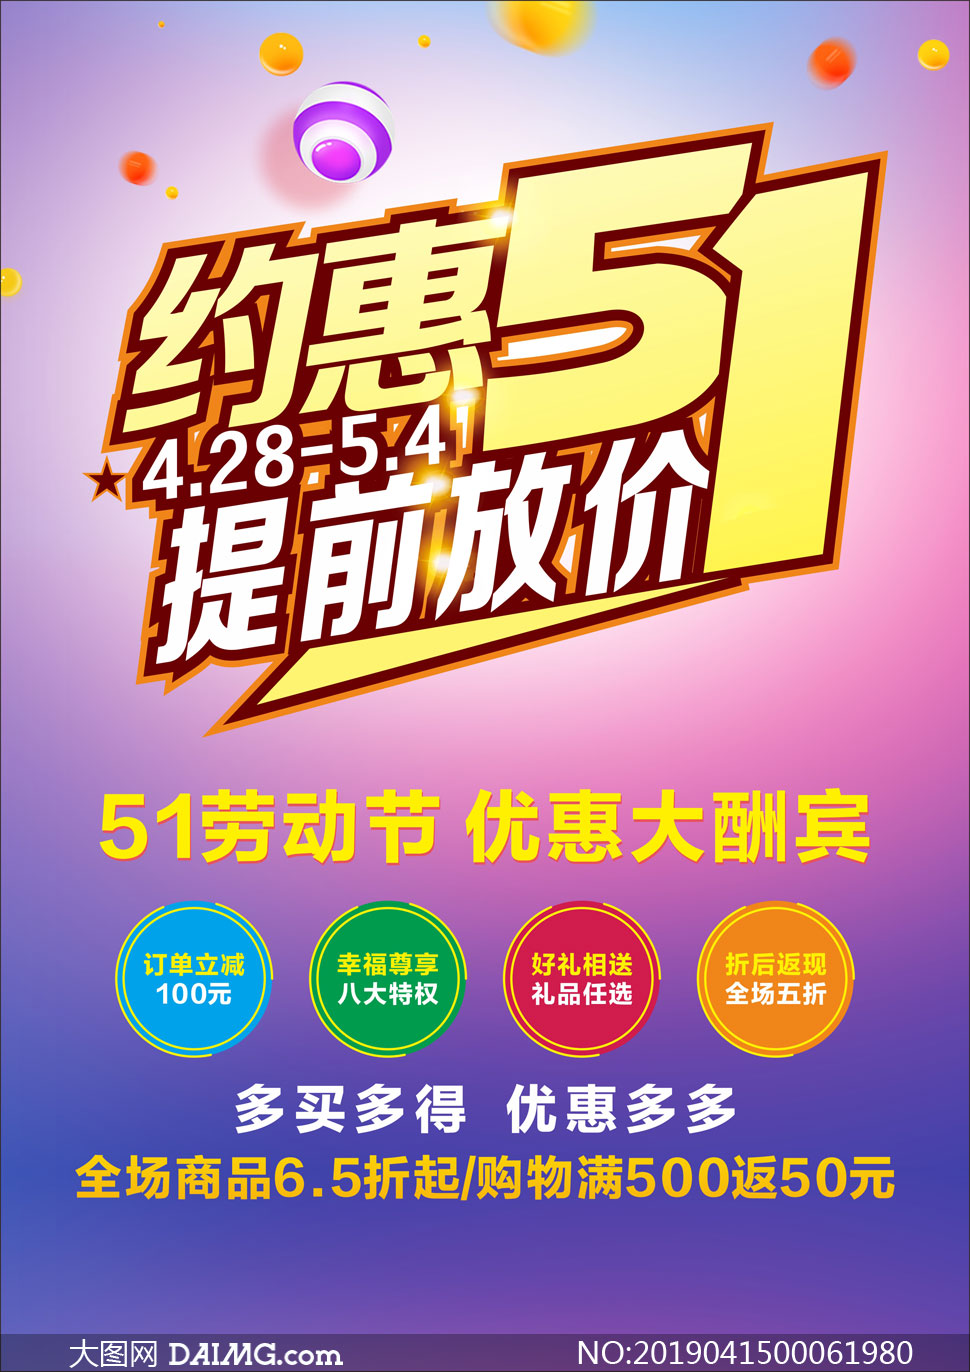 51劳动节大酬宾海报设计矢量素材